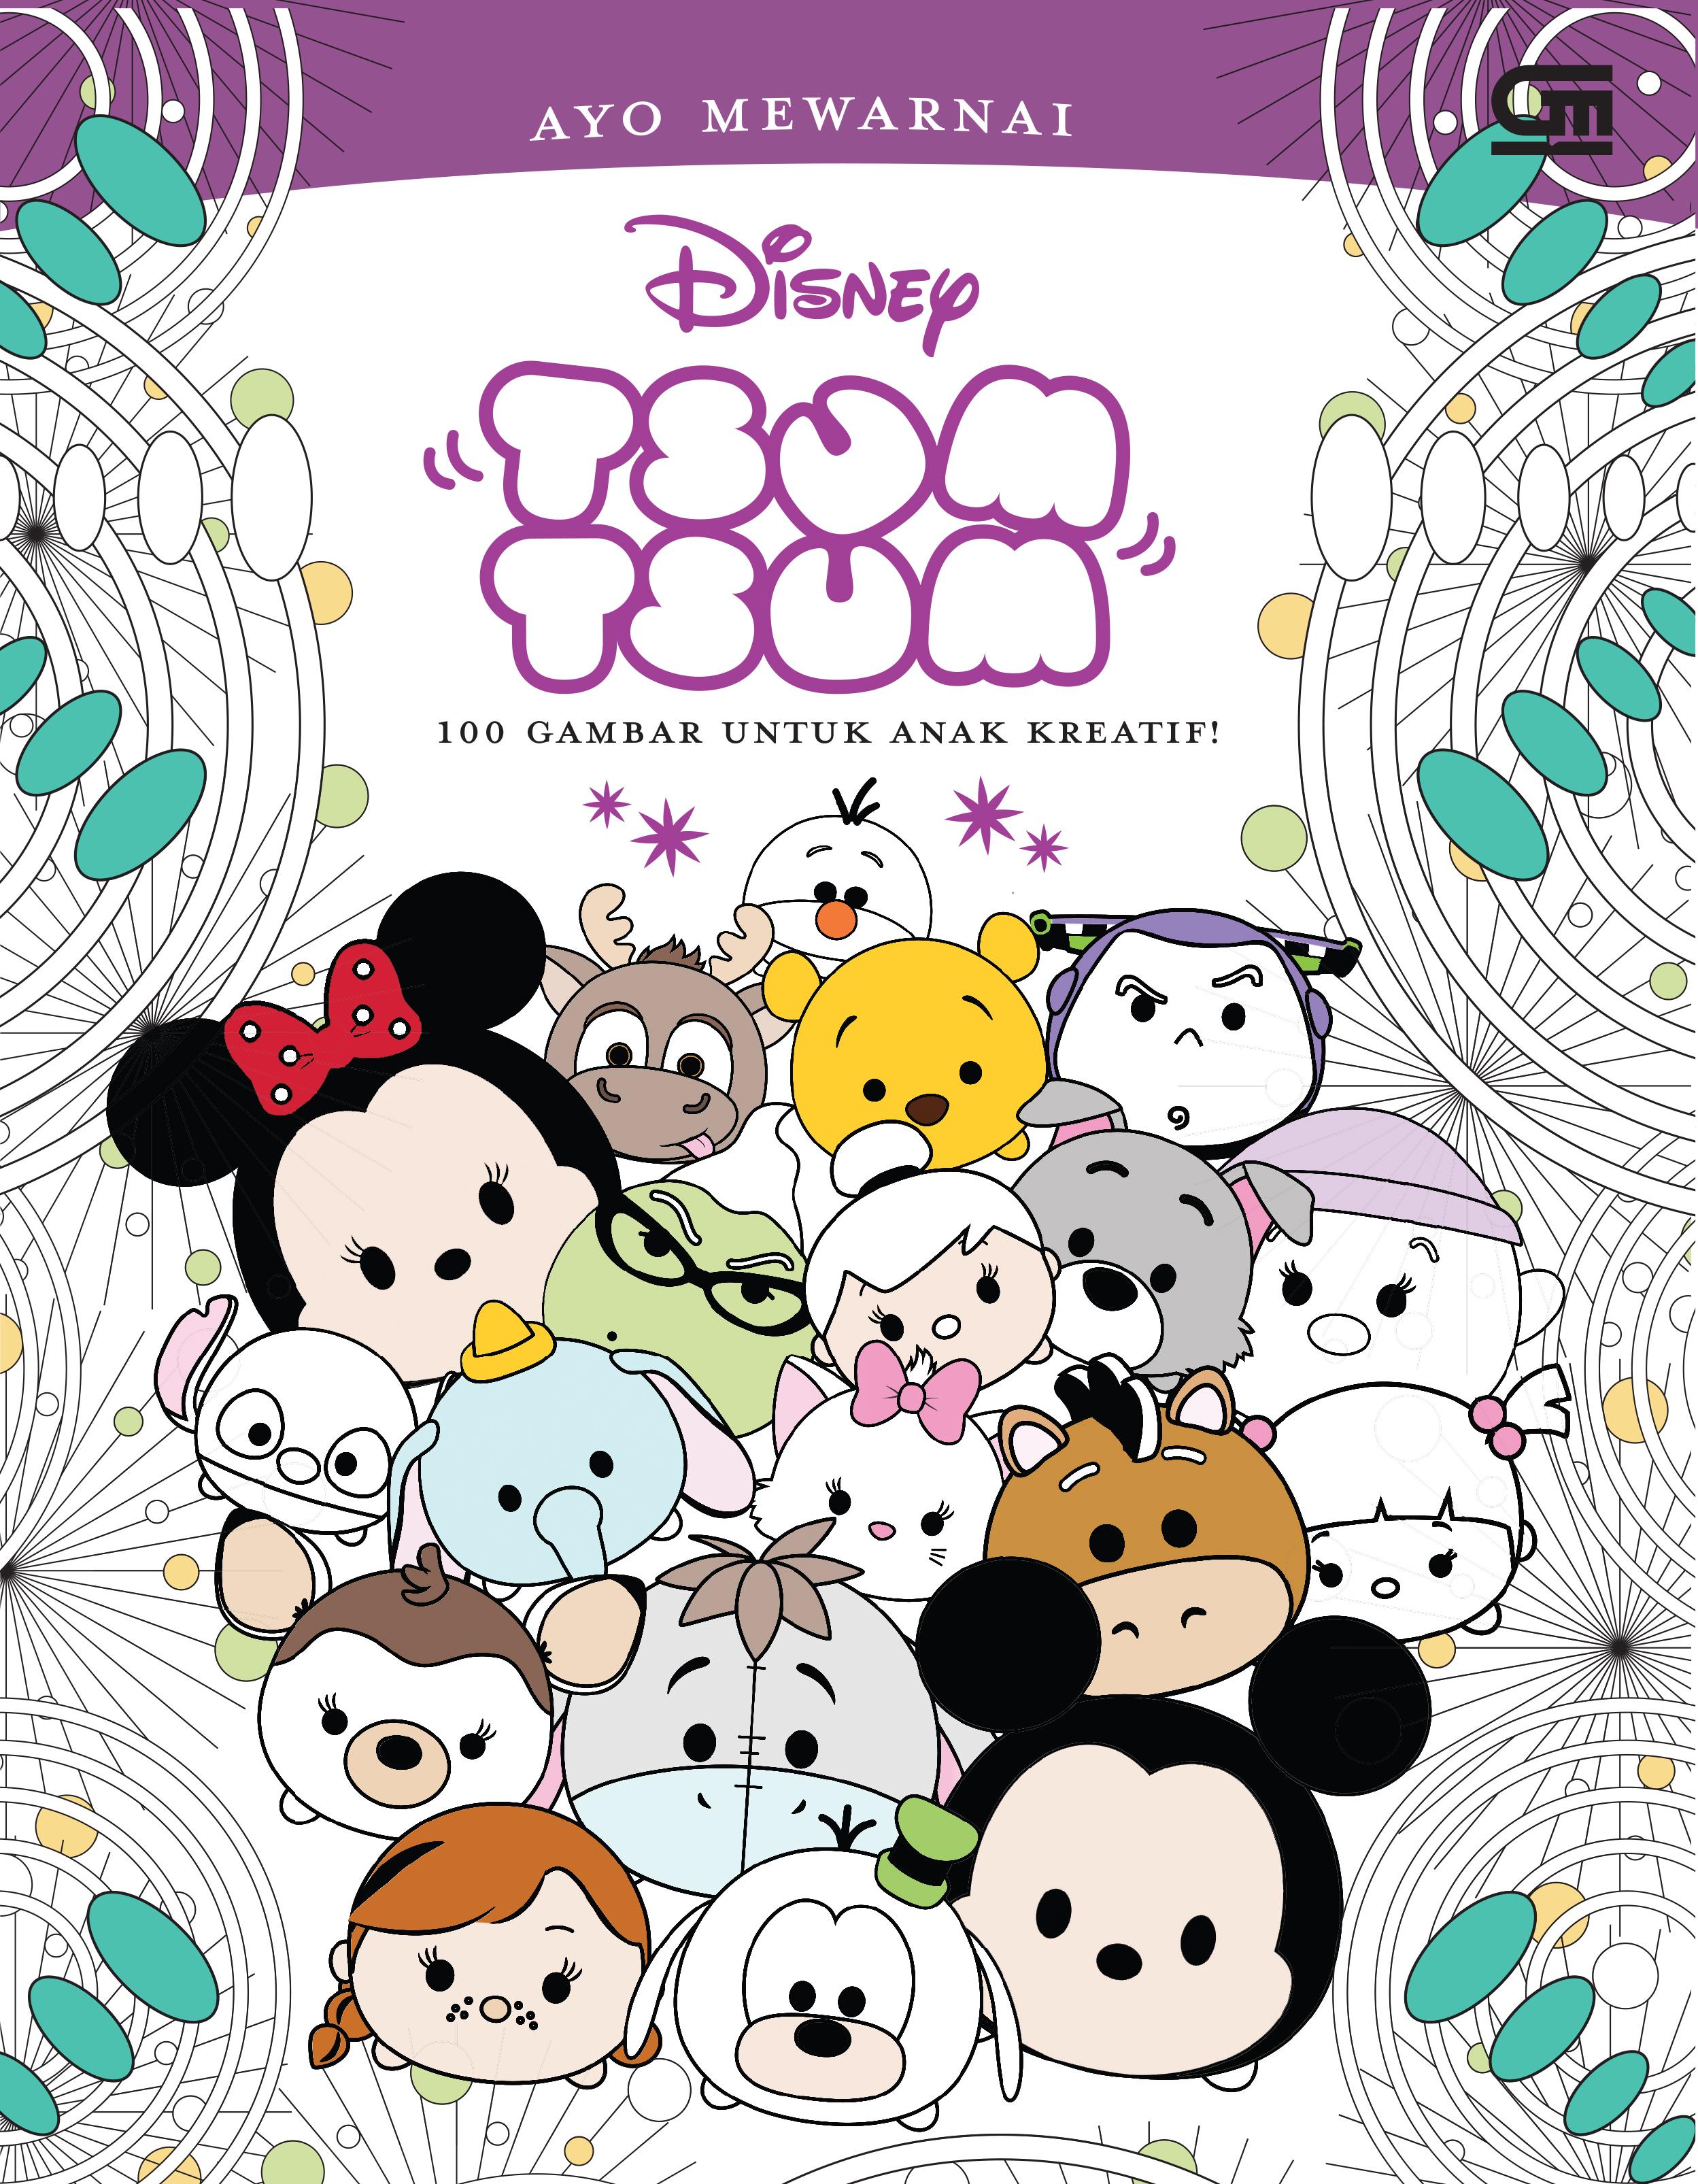 Tsum Tsum Ayo Mewarnai 100 Gambar Untuk Anak Kreatif